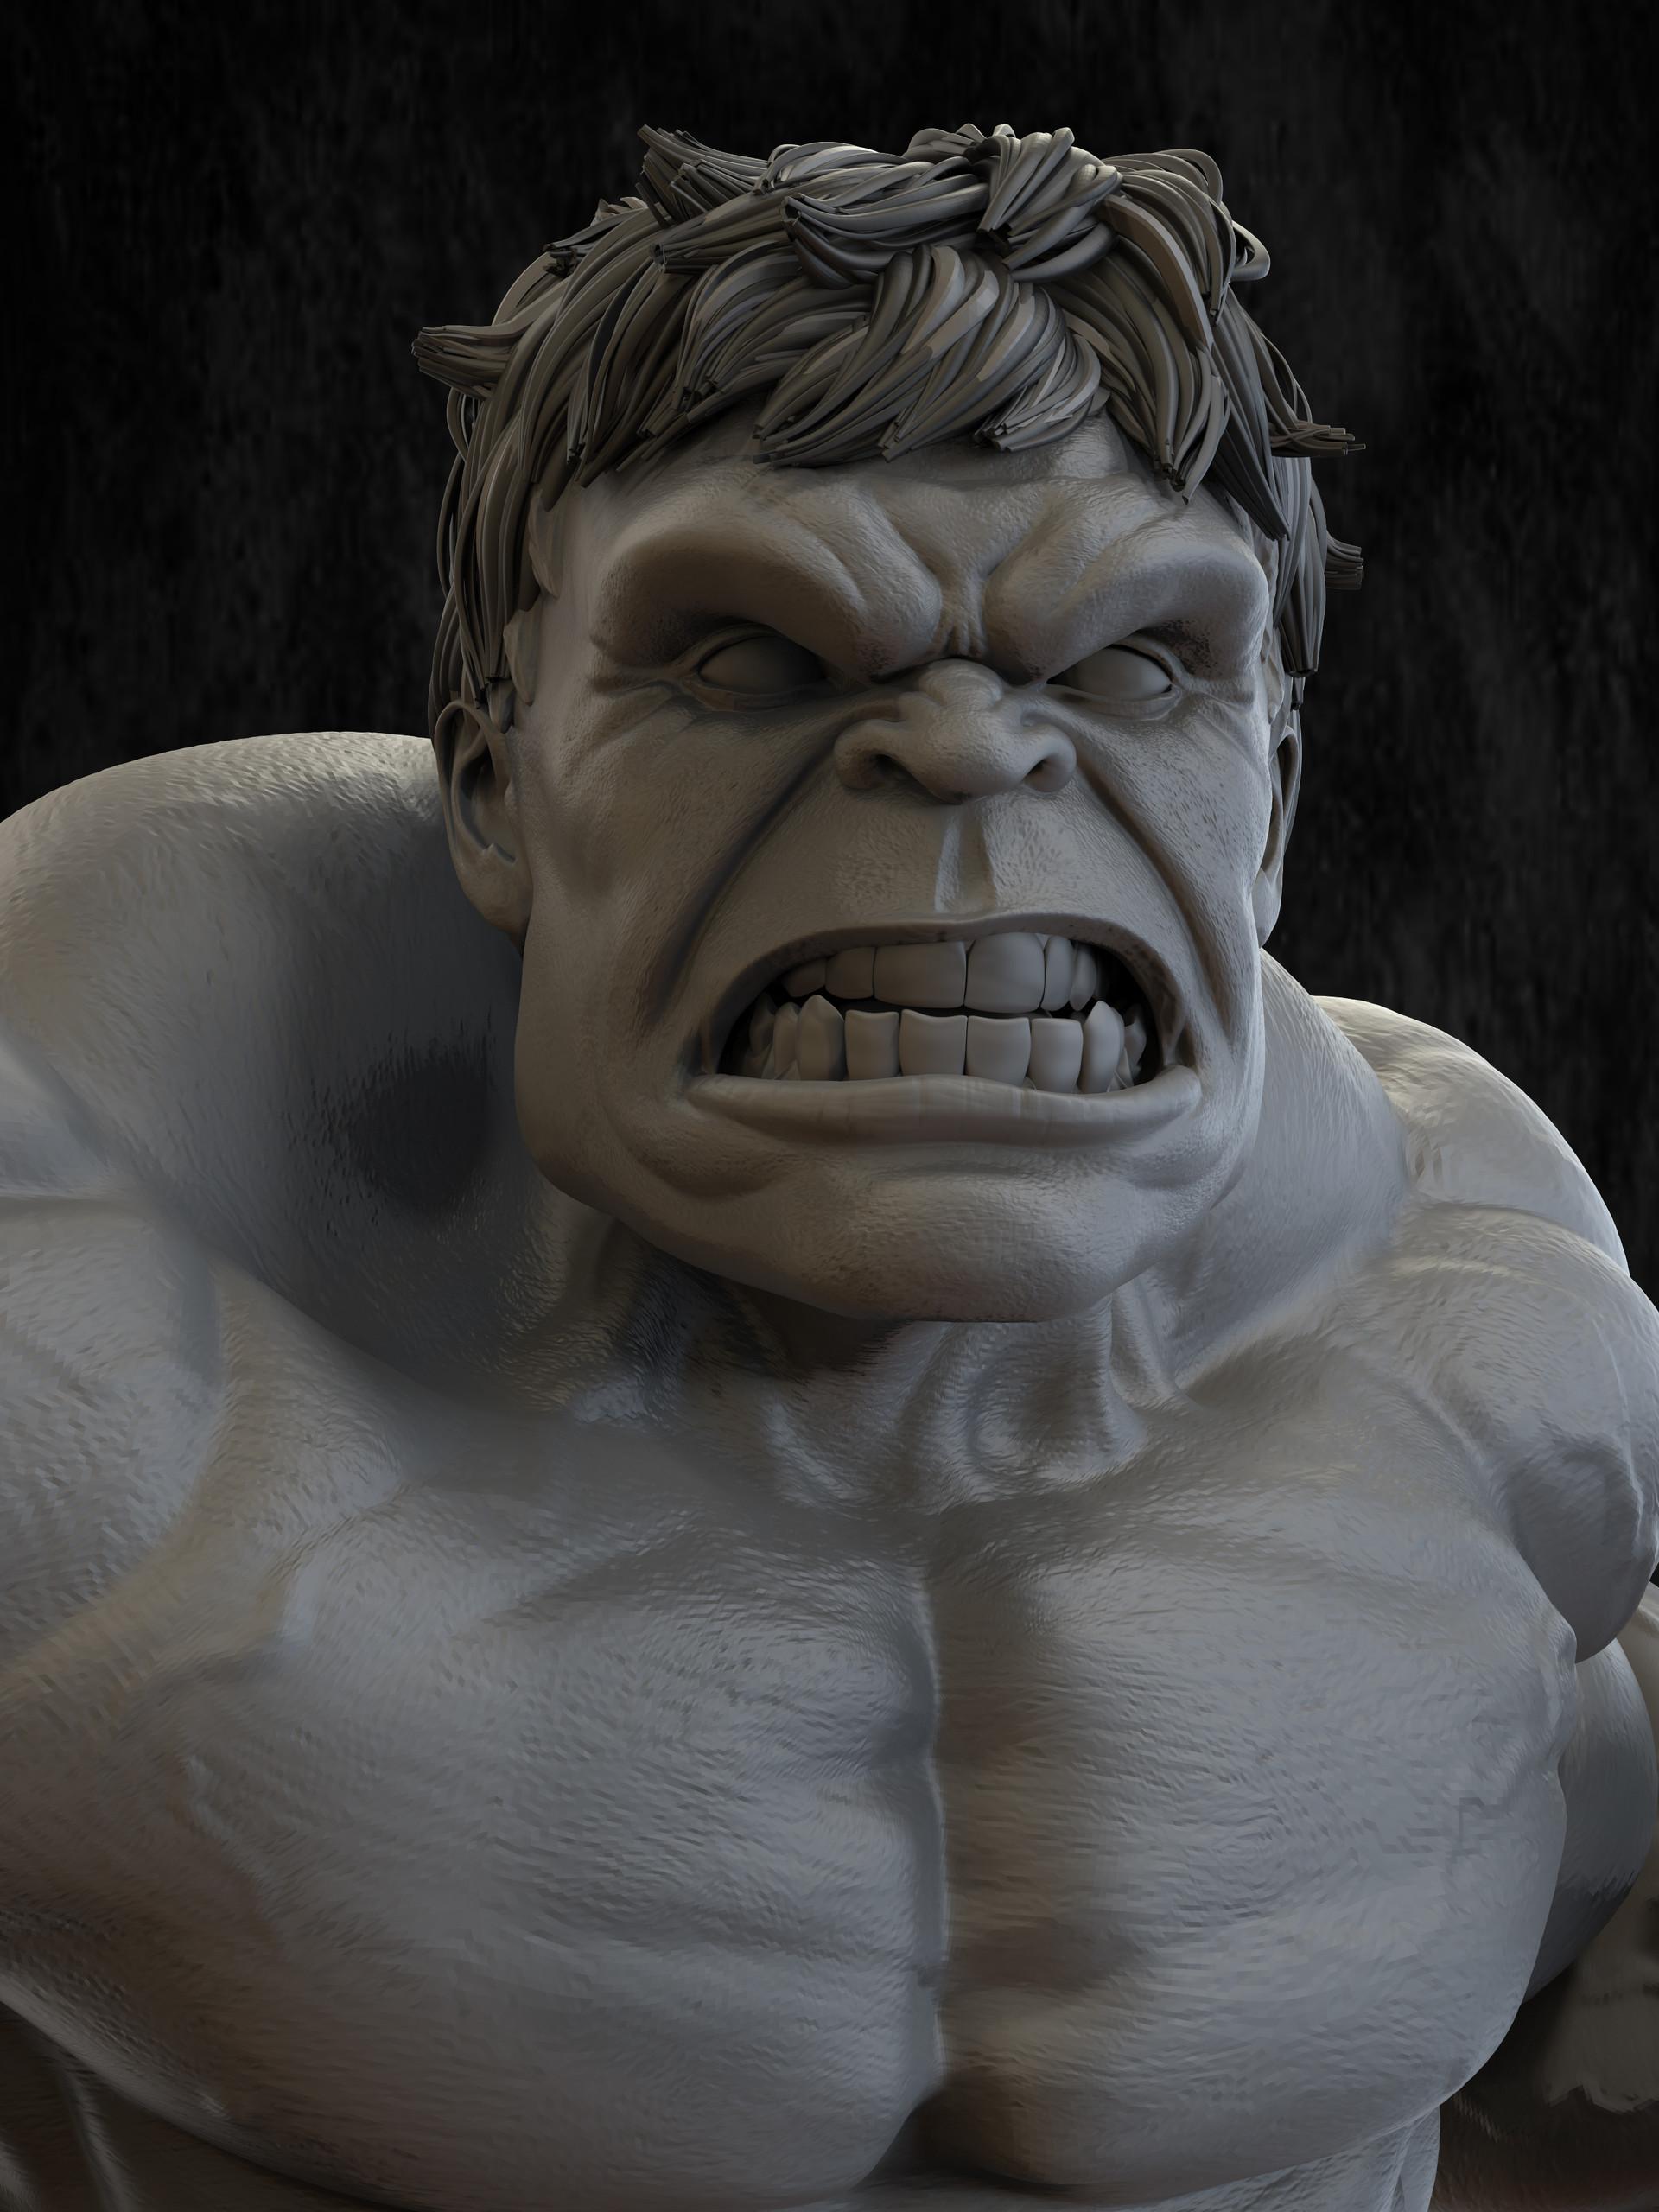 Will higgins hulk 10